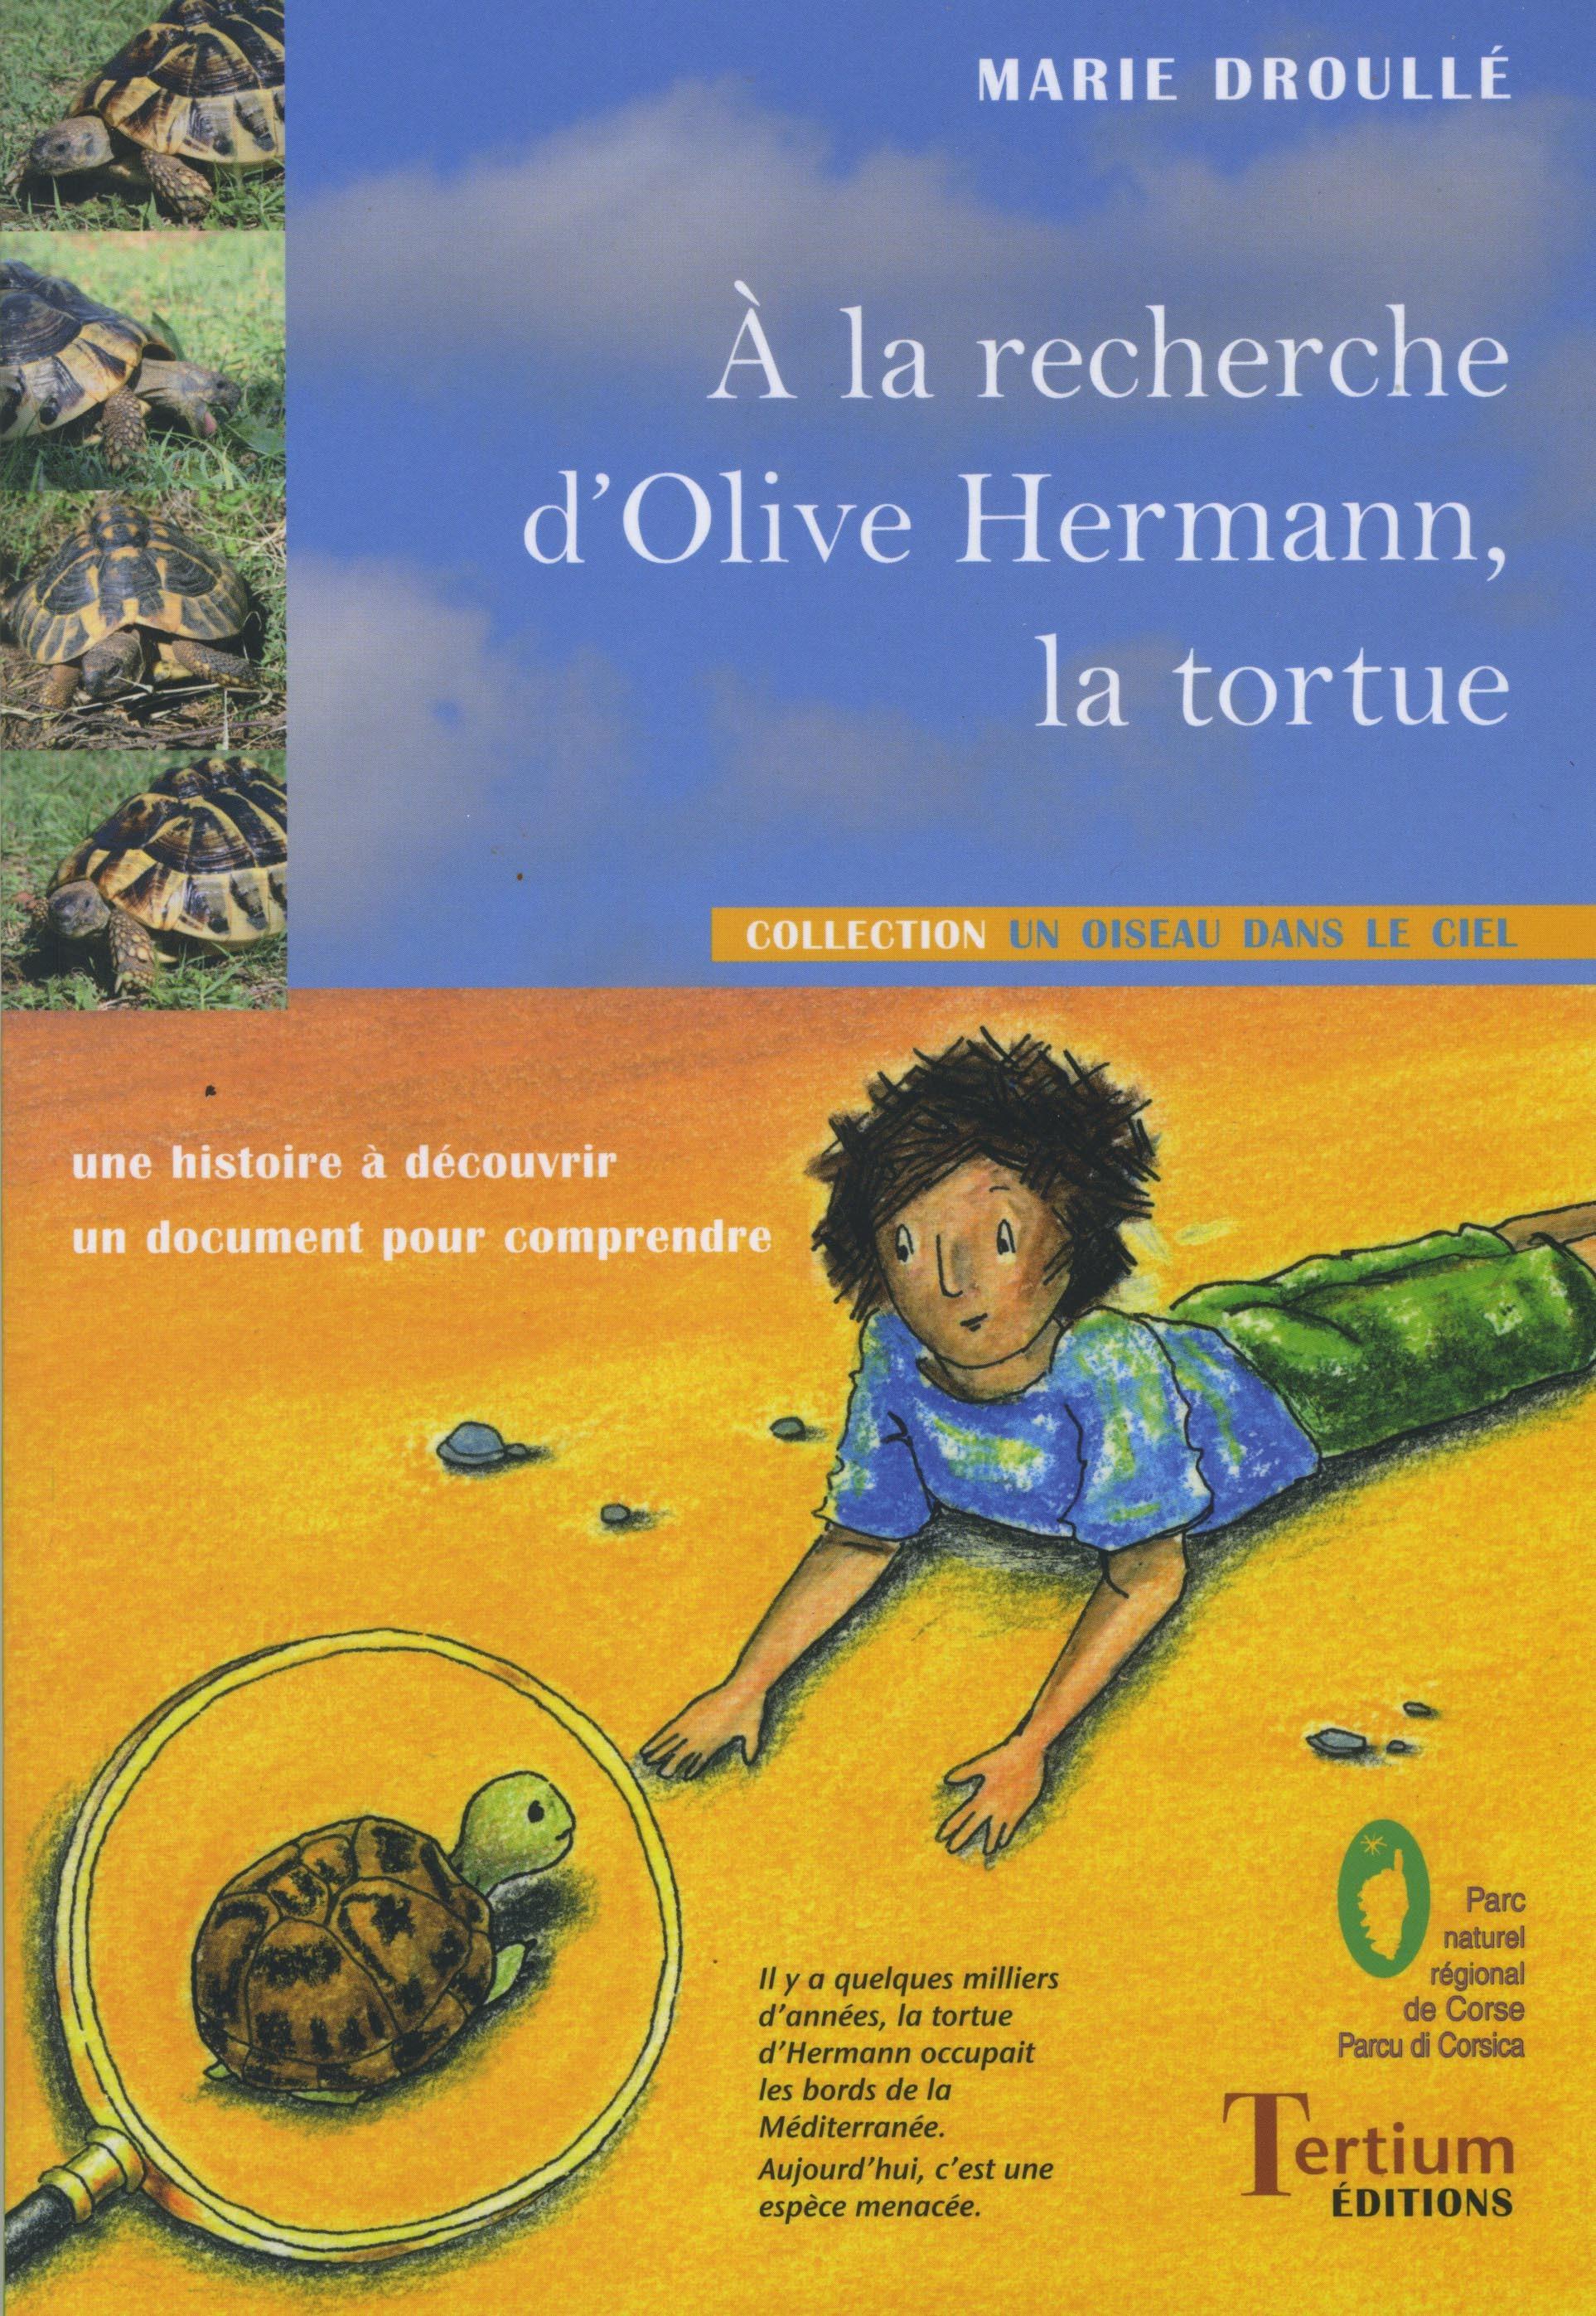 A LA RECHERCHE D'OLIVE HERMANN LA TORTUE